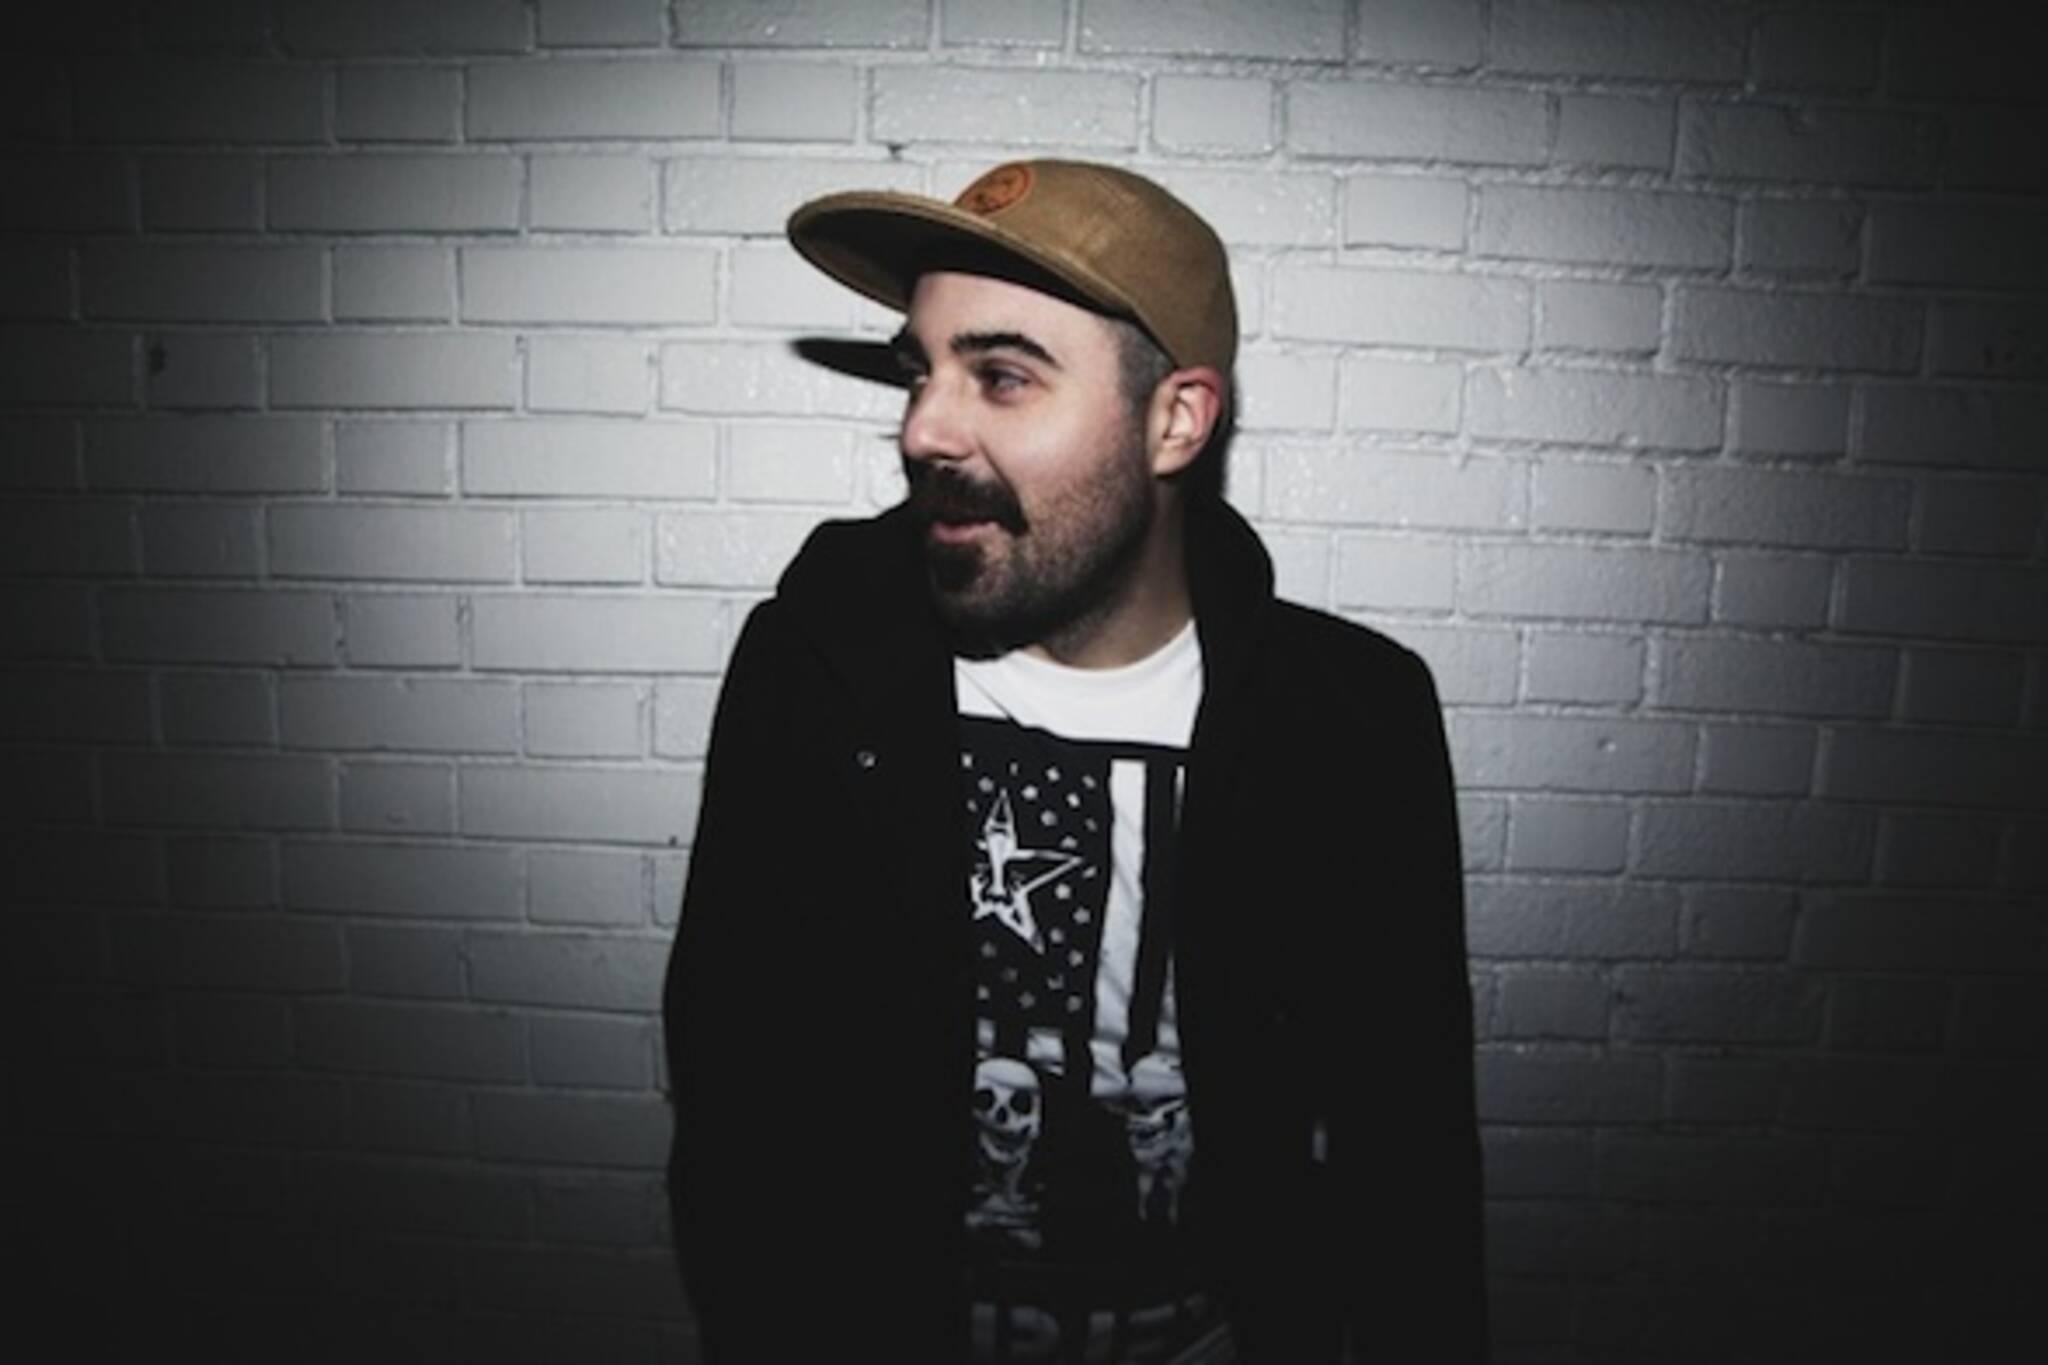 Belgrade-based artpop singer Ensh